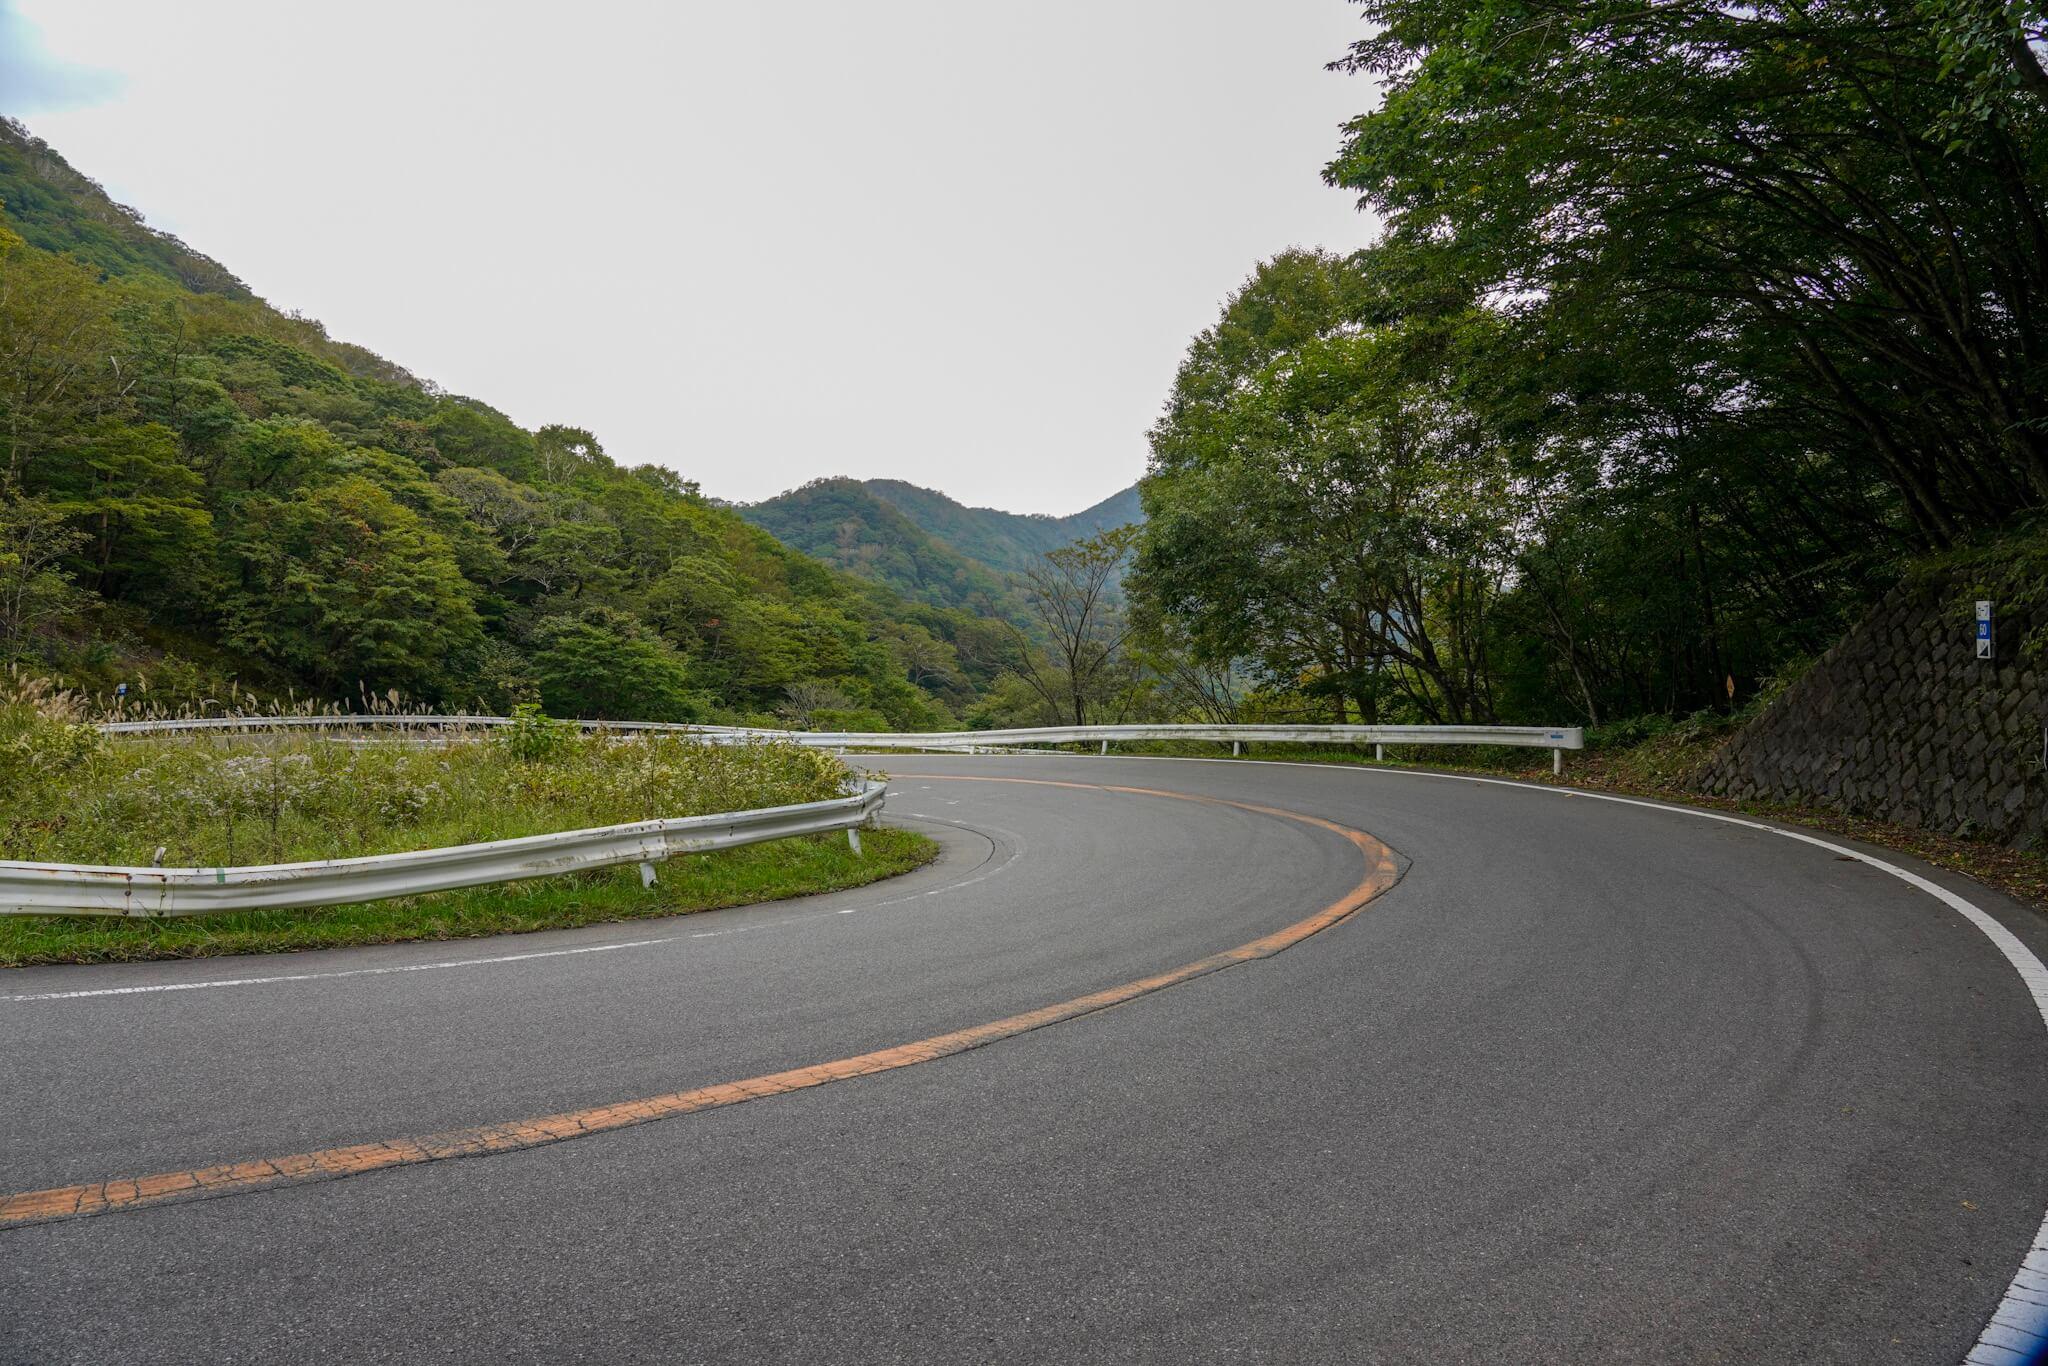 赤城山 峠 カーブNo.60